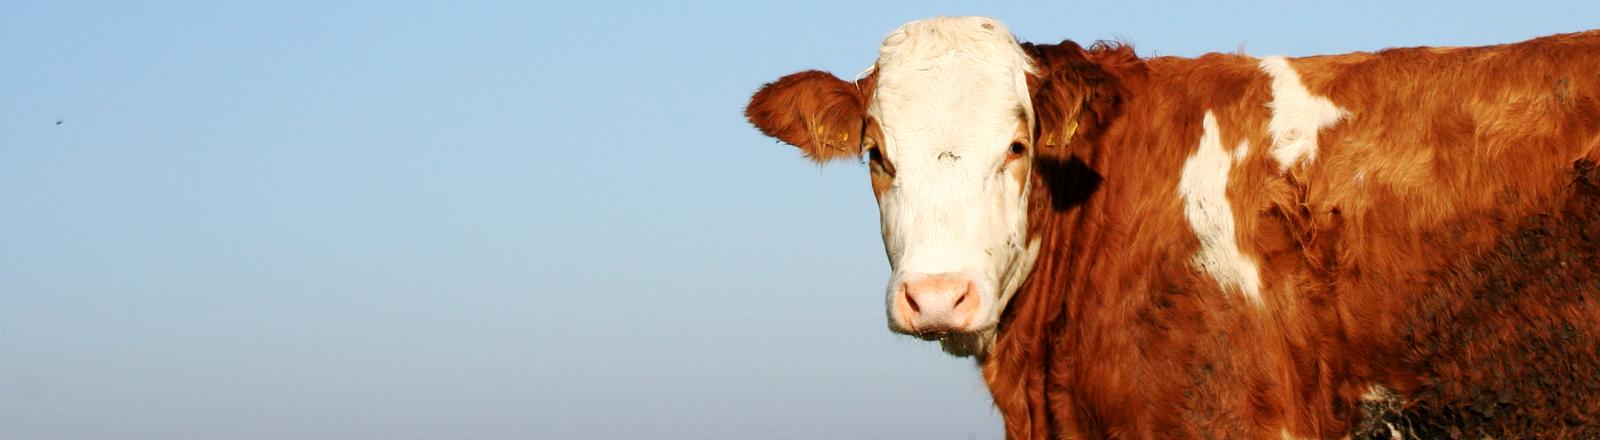 Eine Kuh vor blauem Hintergrund